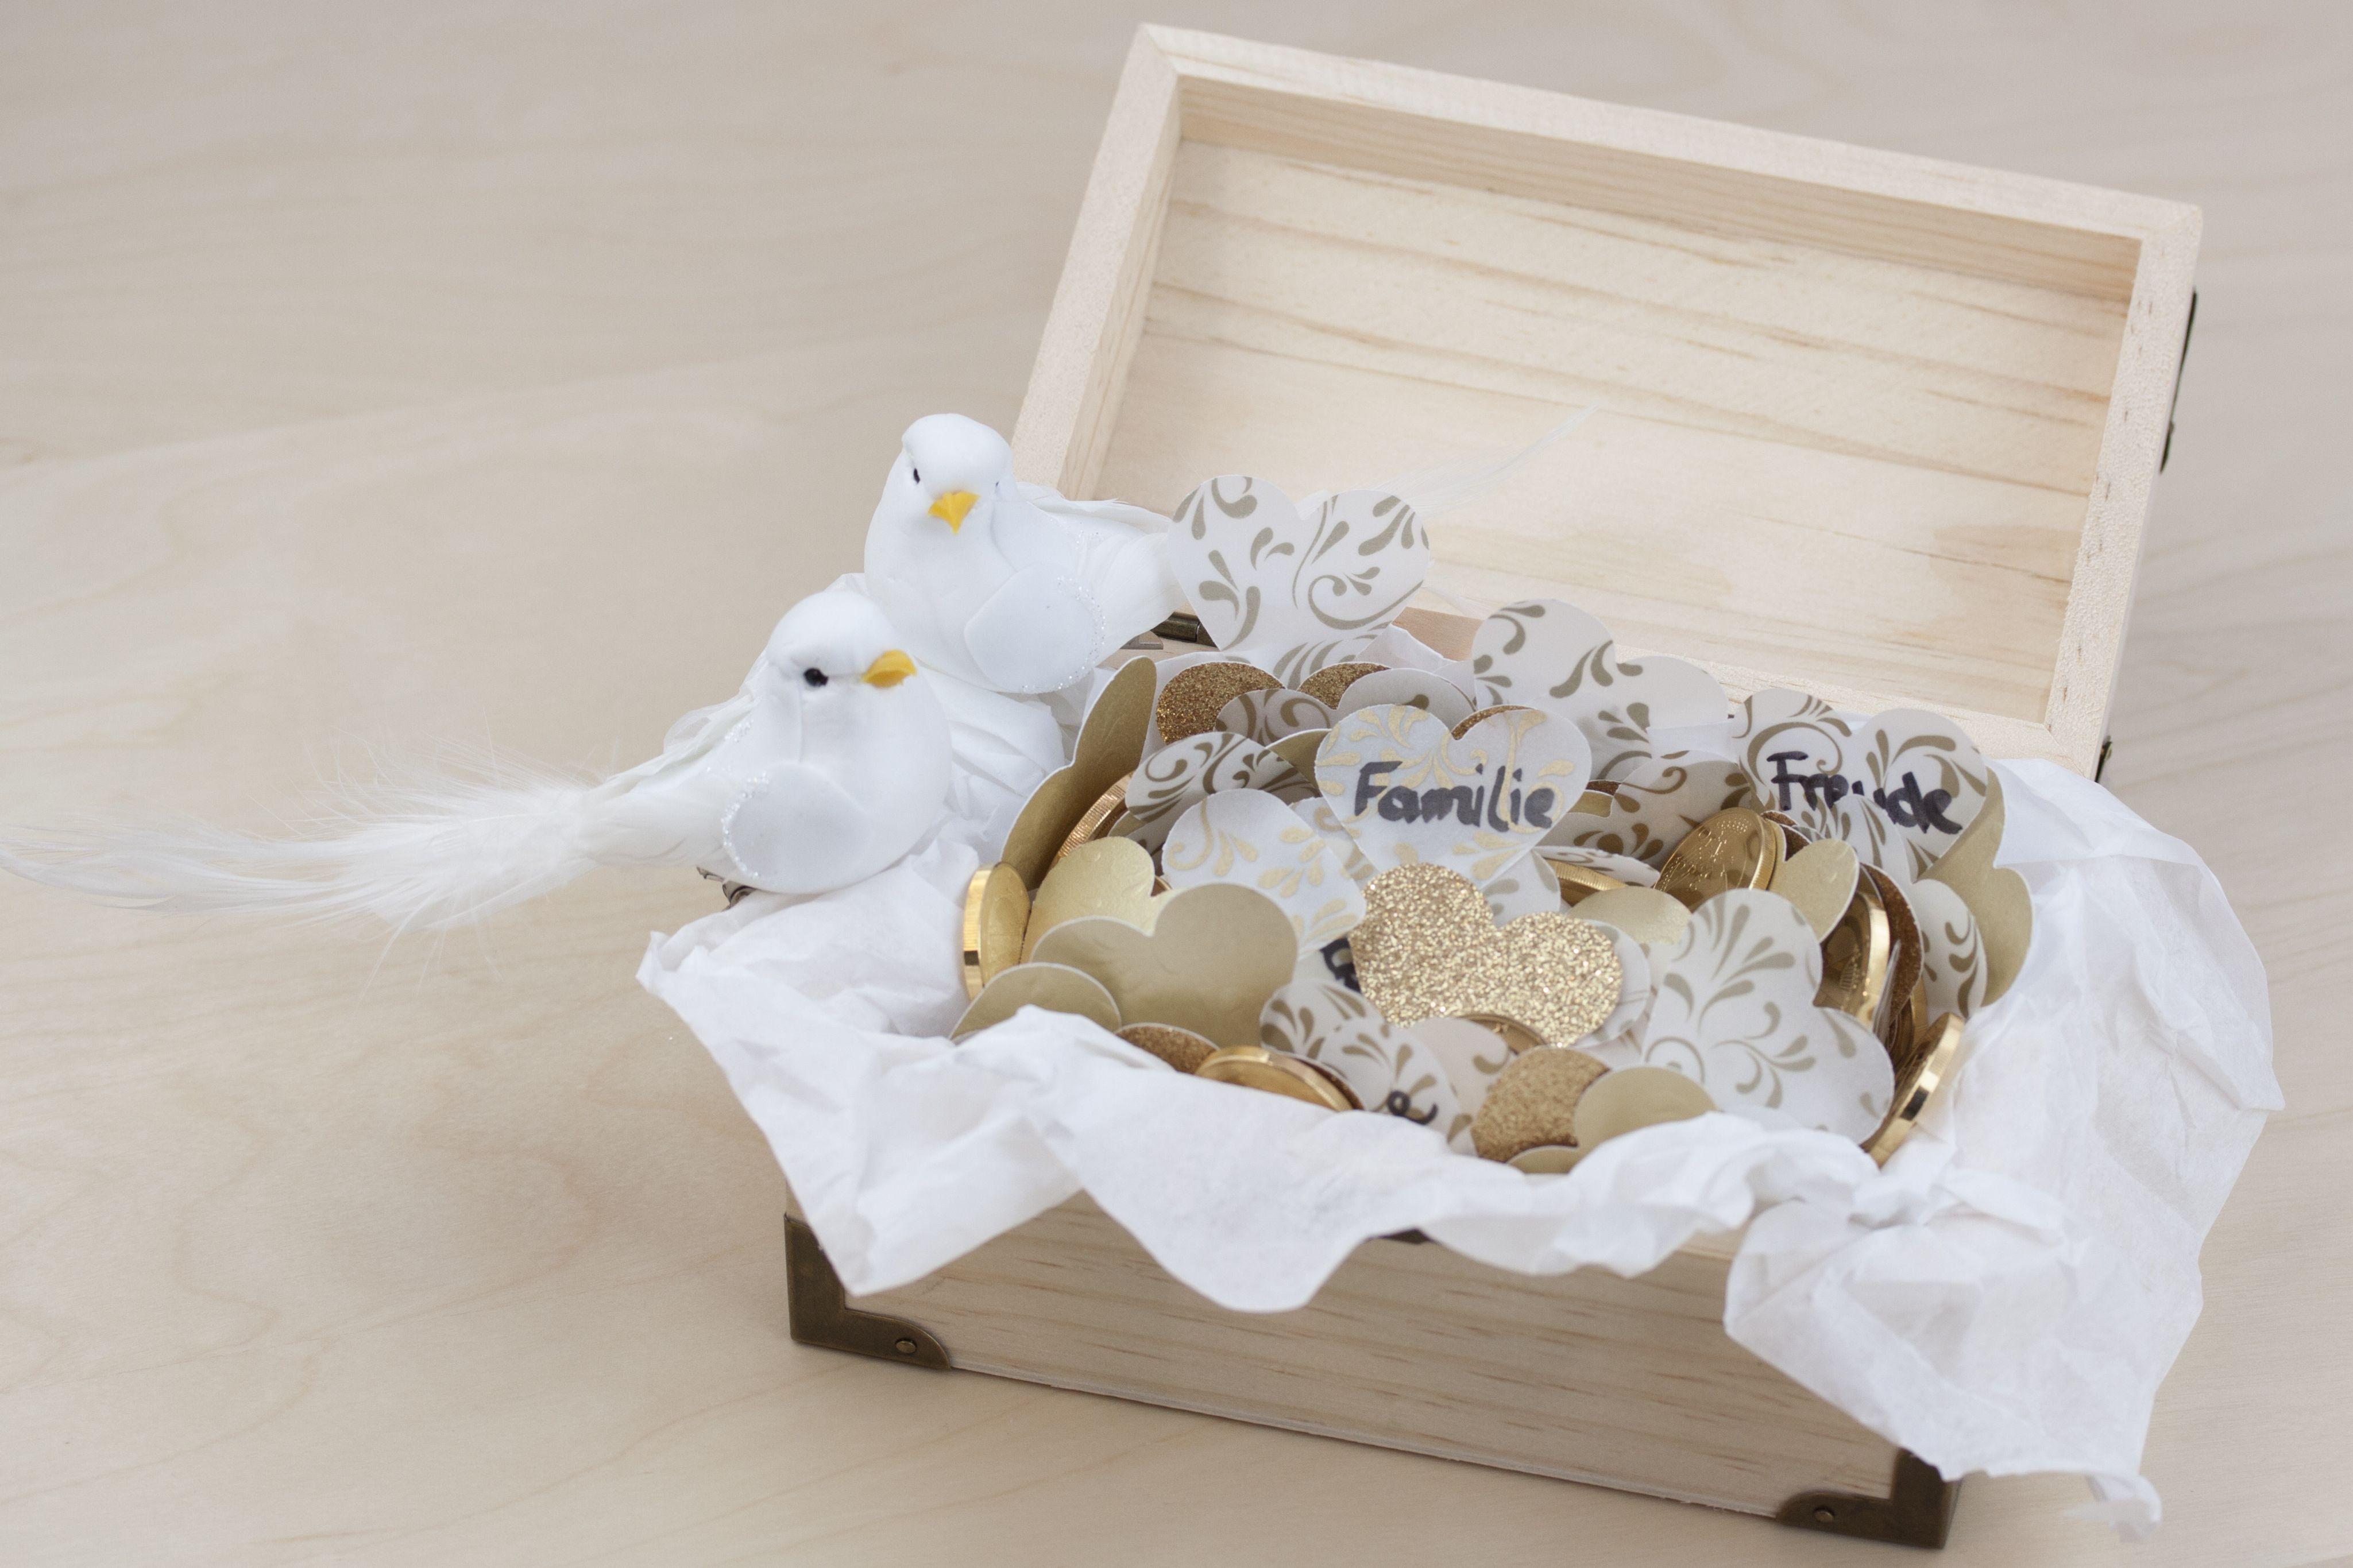 Hochzeit geschenke wunsche